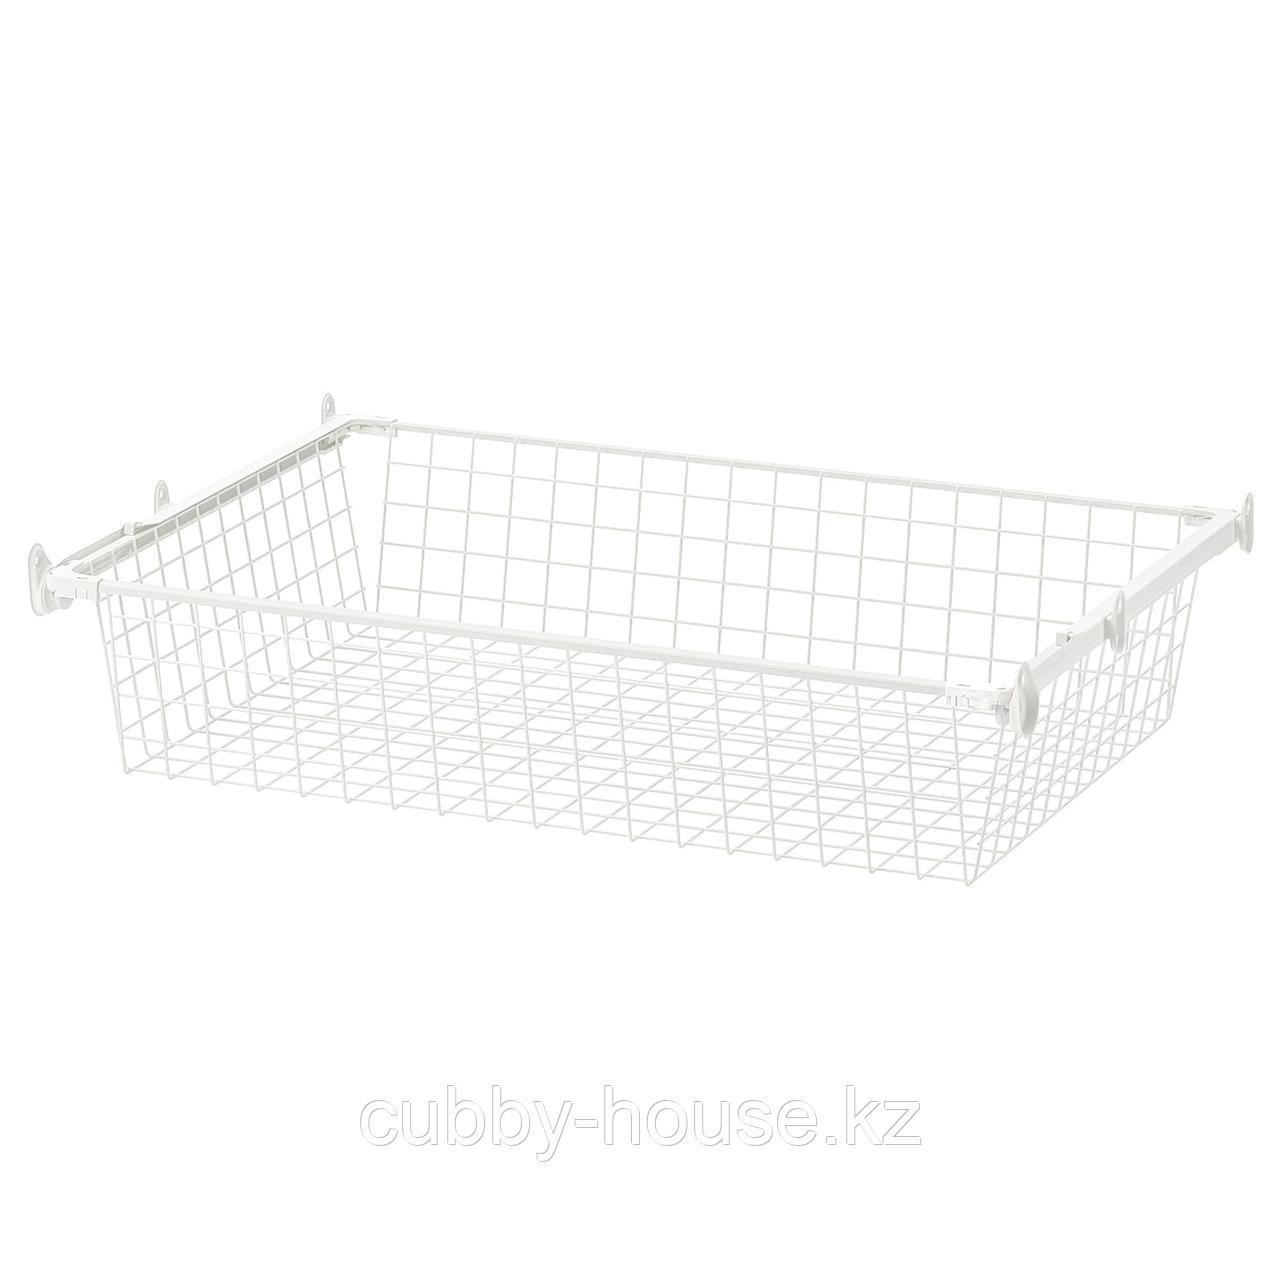 ХЭЛПА Проволочн корзина с направляющими, белый, 80x55 см